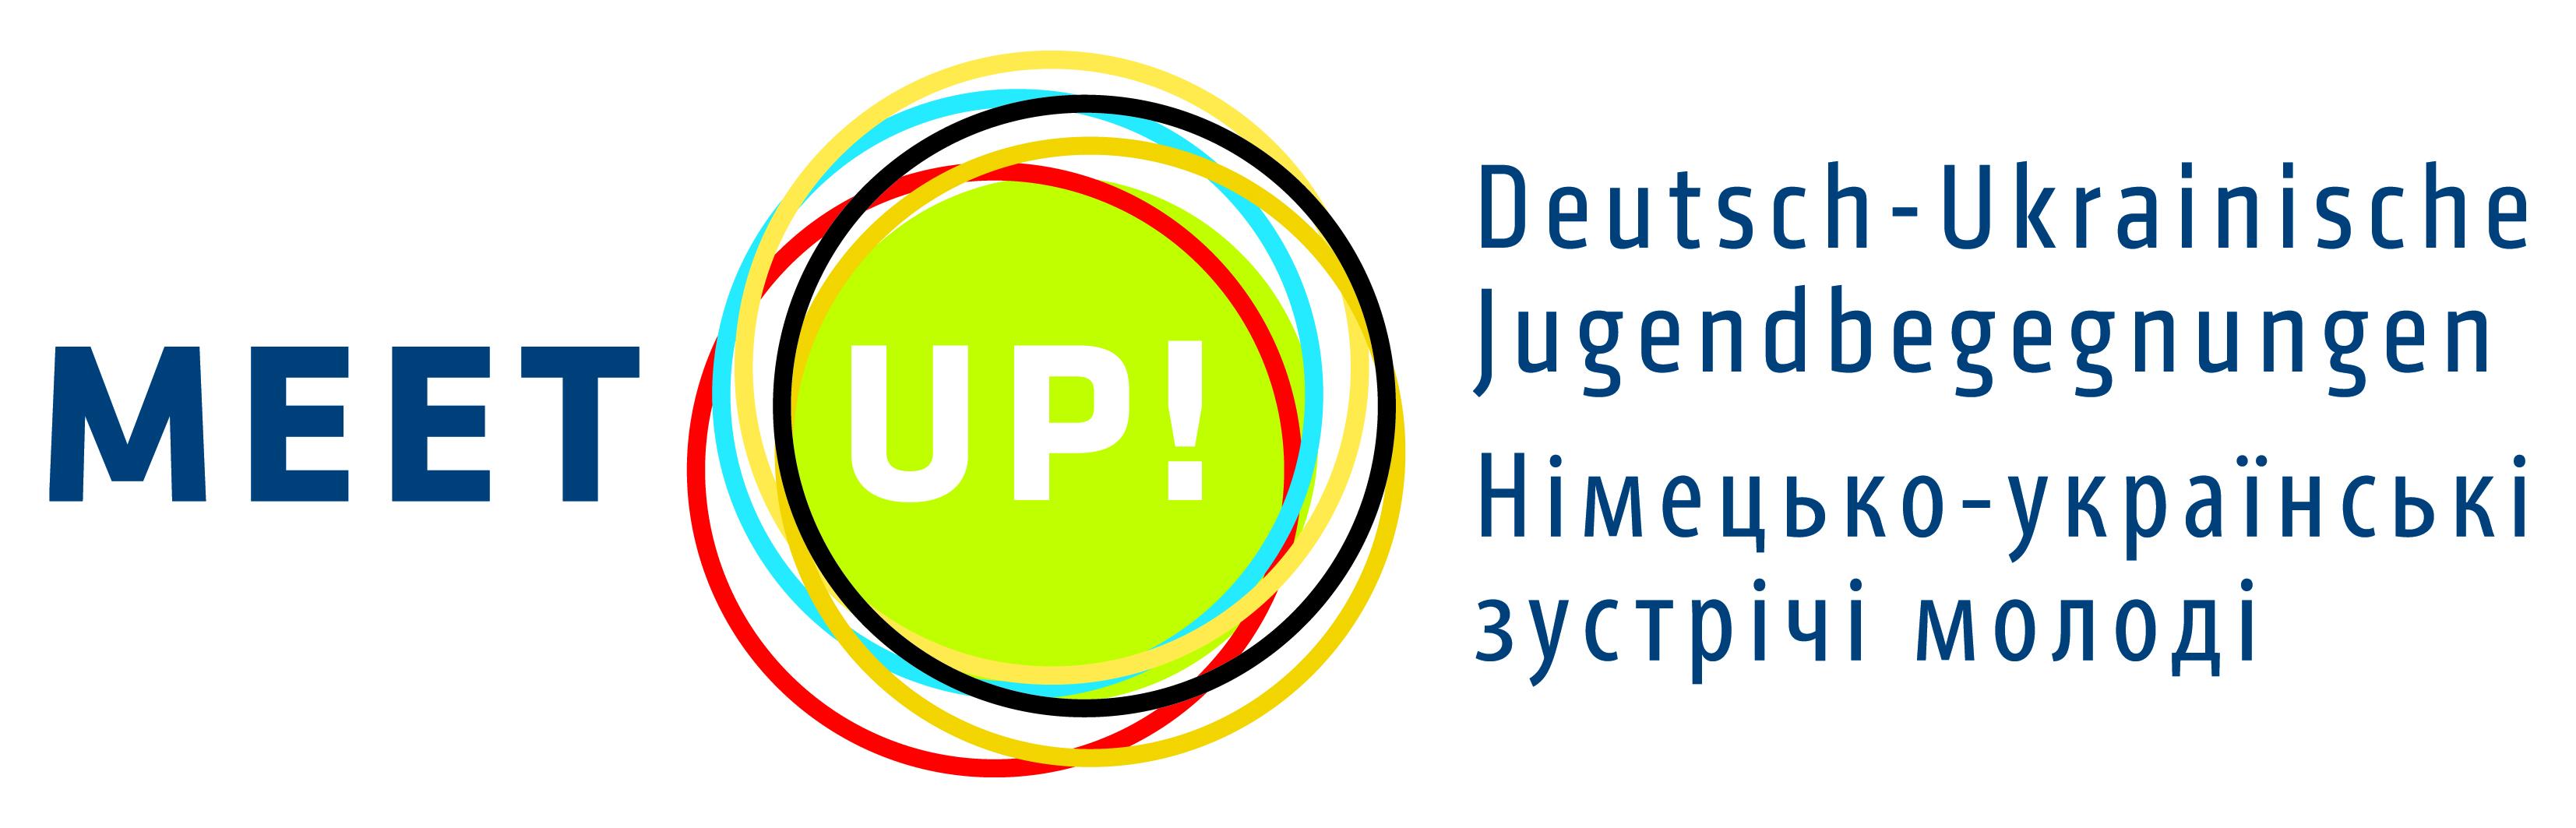 Приглашаем к участию в серии семинаров «Мы обустраиваем наш город» (прием заявок до 31 июля)